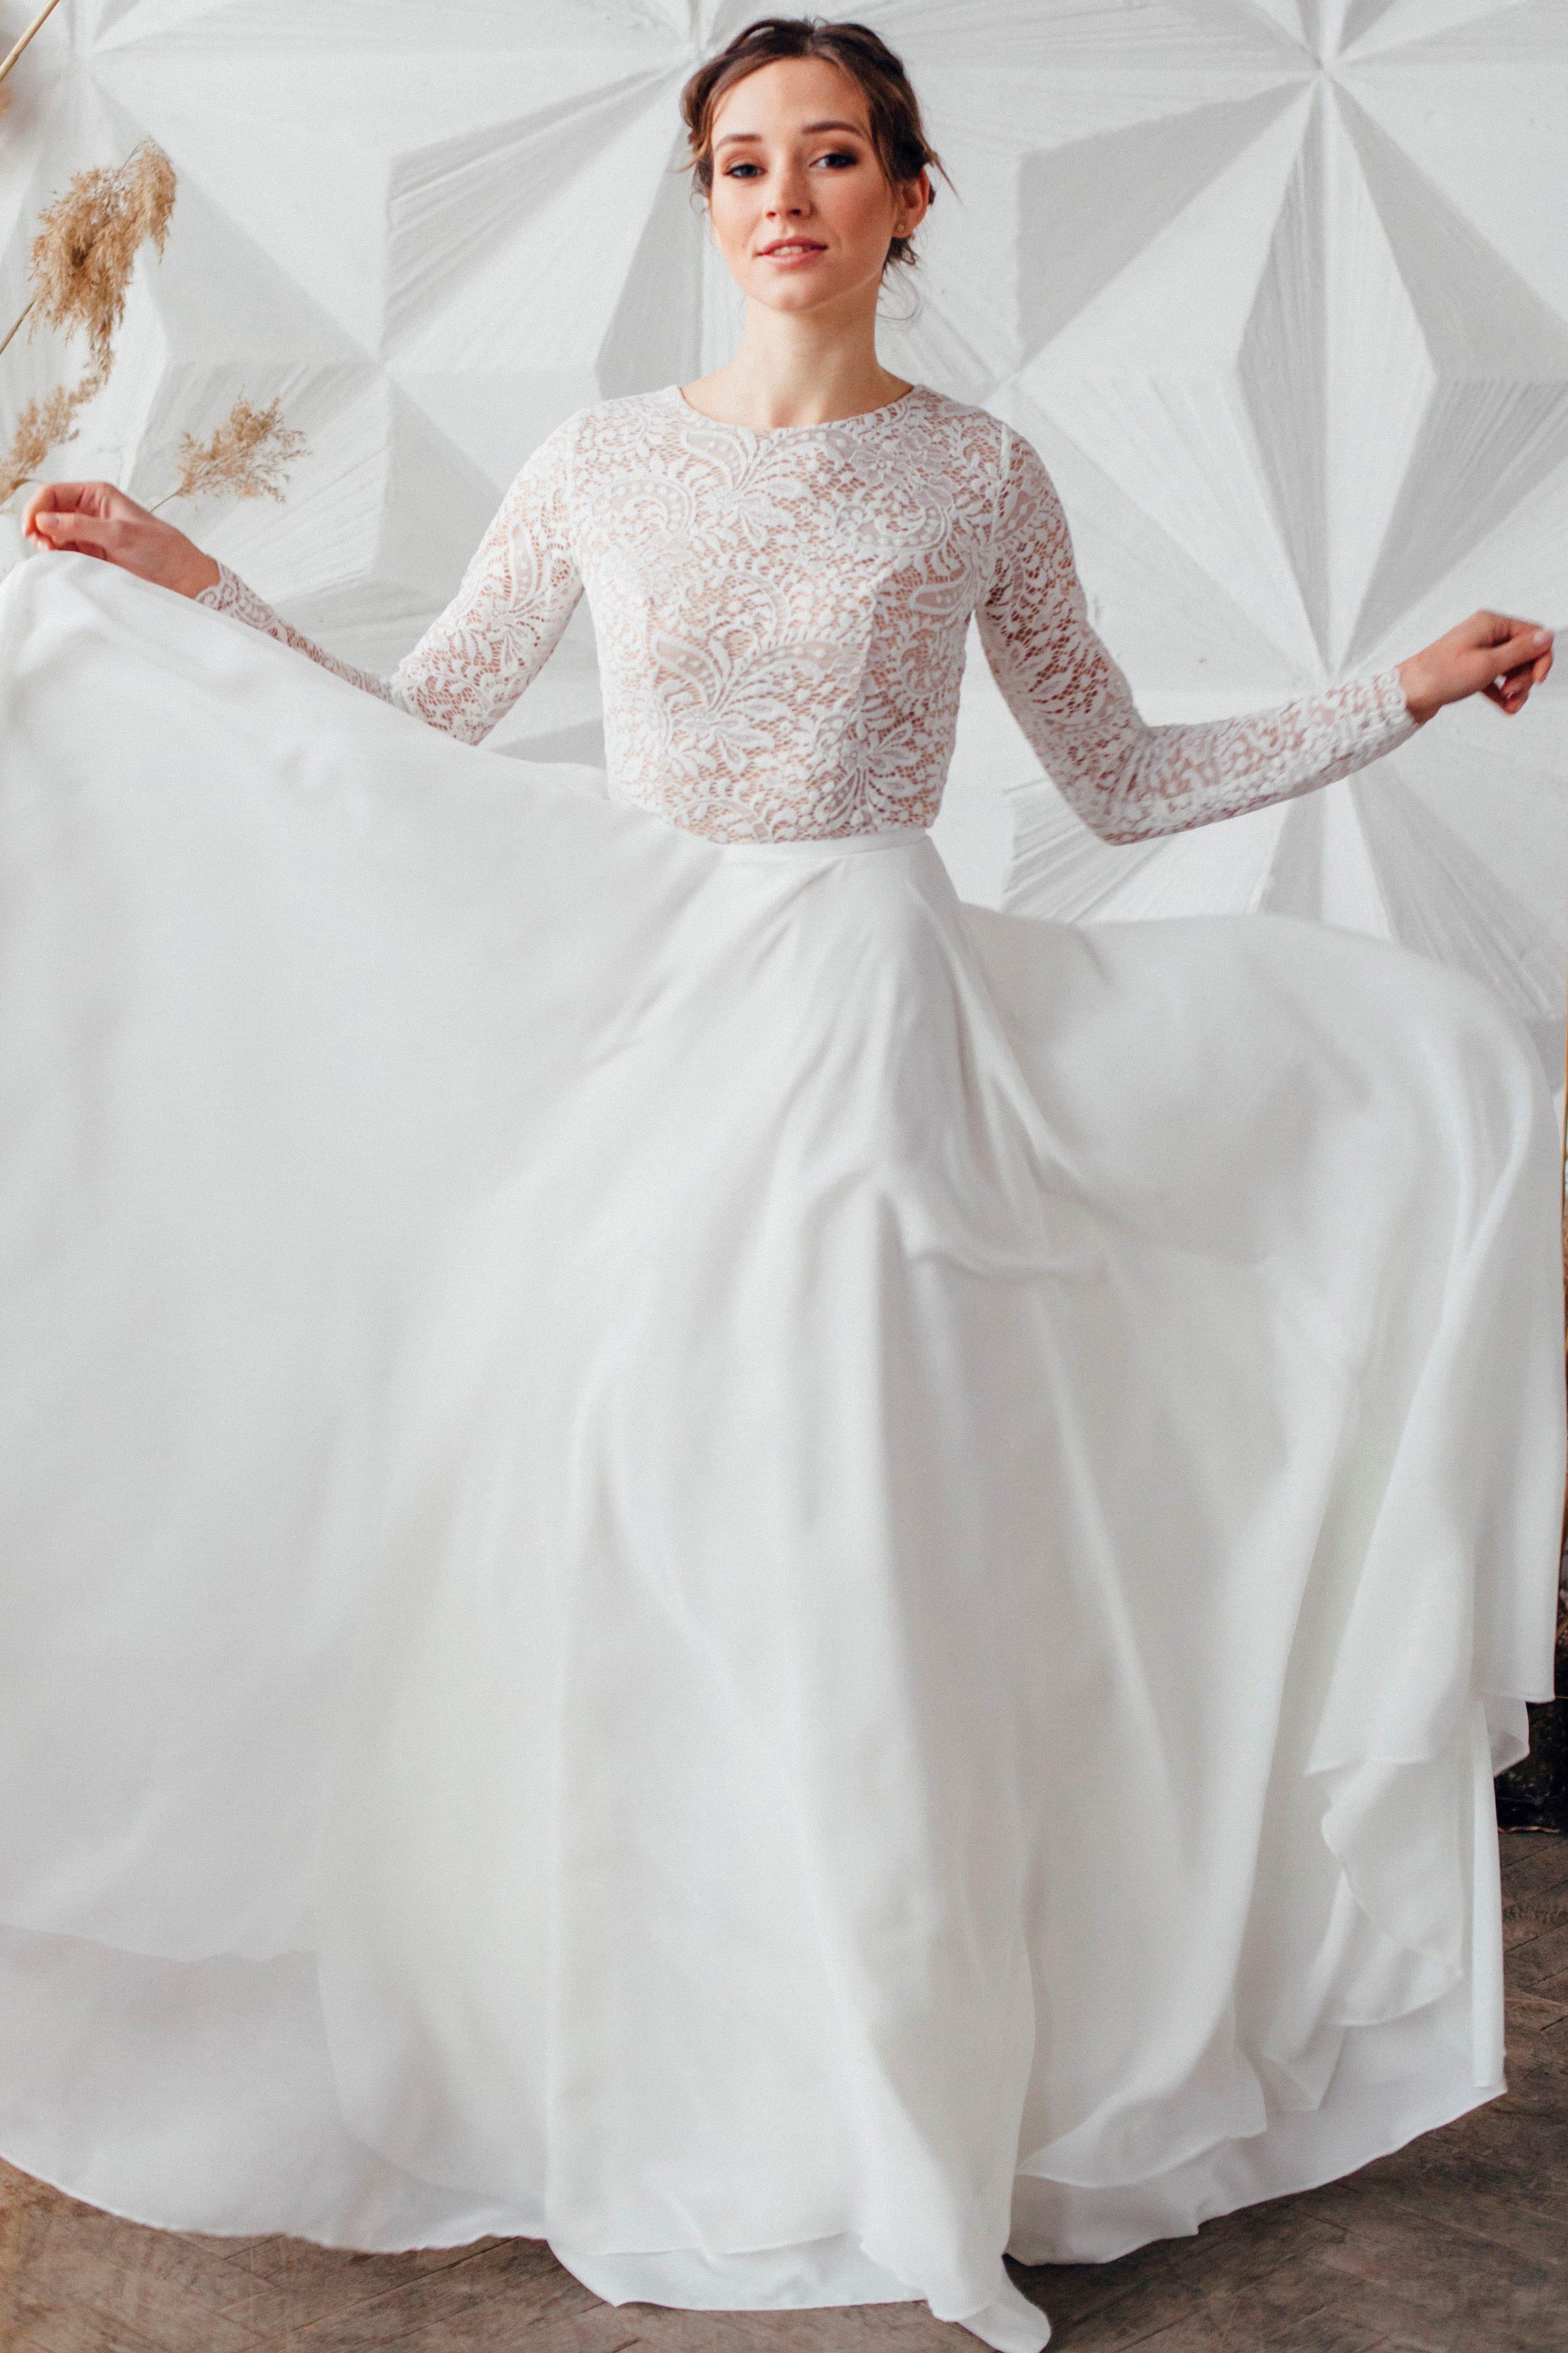 Свадебное платье SYLVIA, коллекция MAGIC OF TENDERNESS, бренд LORA SONG, фото 1